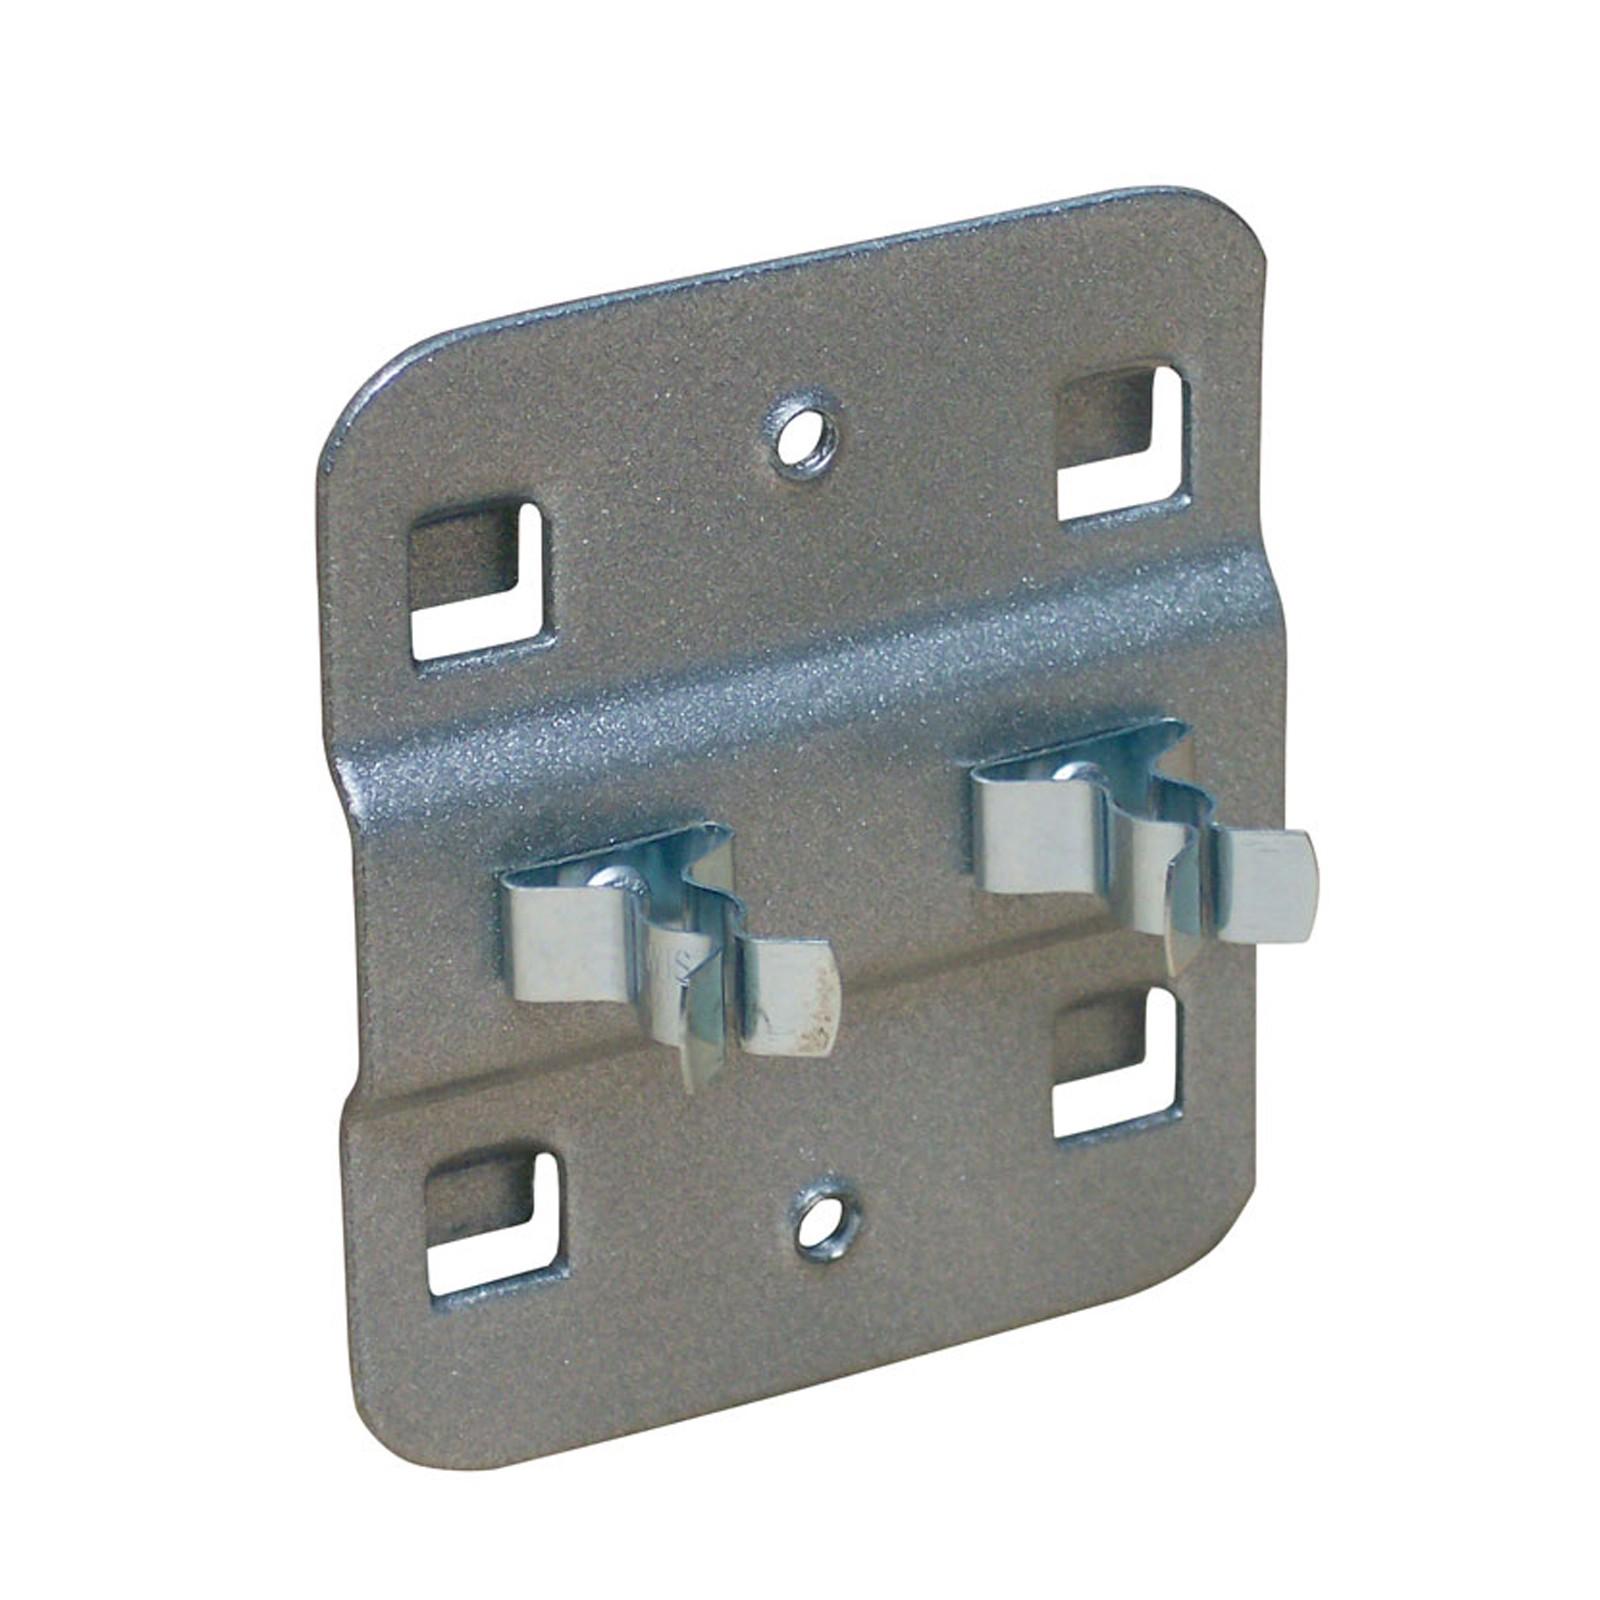 ADB Lochwand Werkzeughalter Lochwandhaken mit doppelter Federklammer 6-19mm